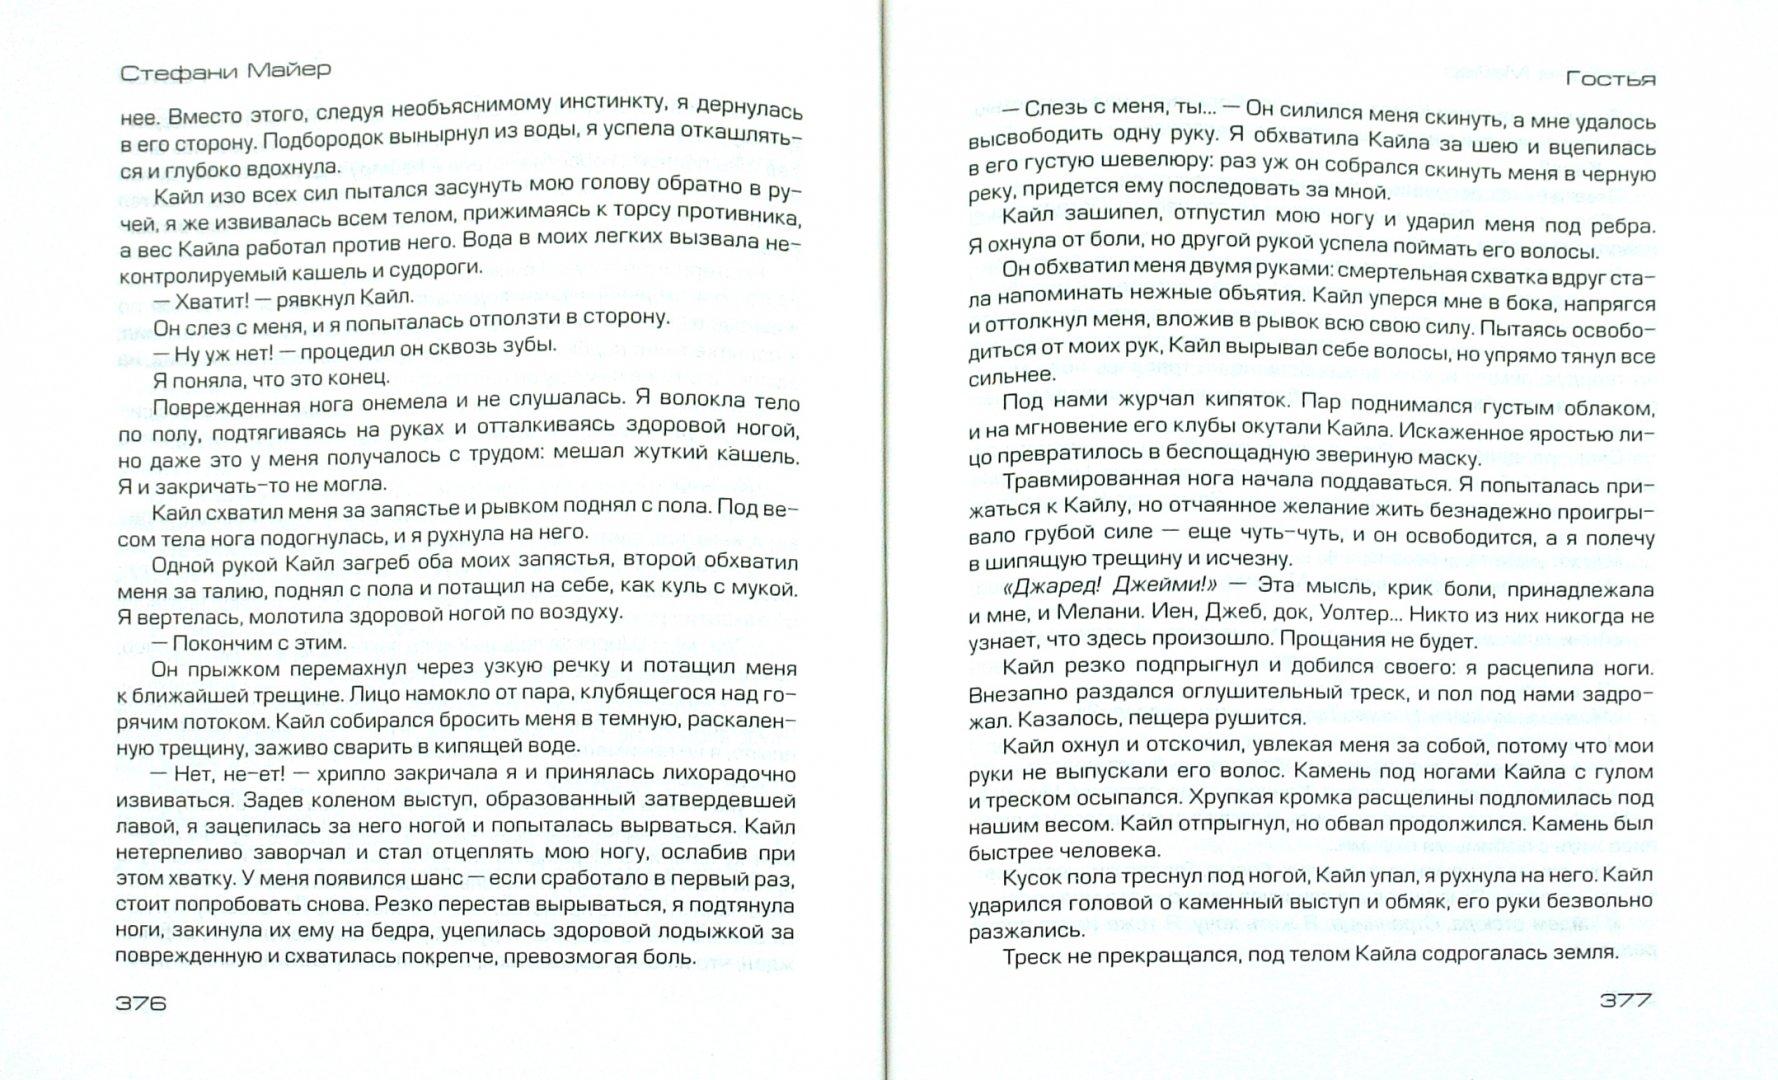 Иллюстрация 1 из 13 для Гостья + дополнительная глава - Стефани Майер | Лабиринт - книги. Источник: Лабиринт